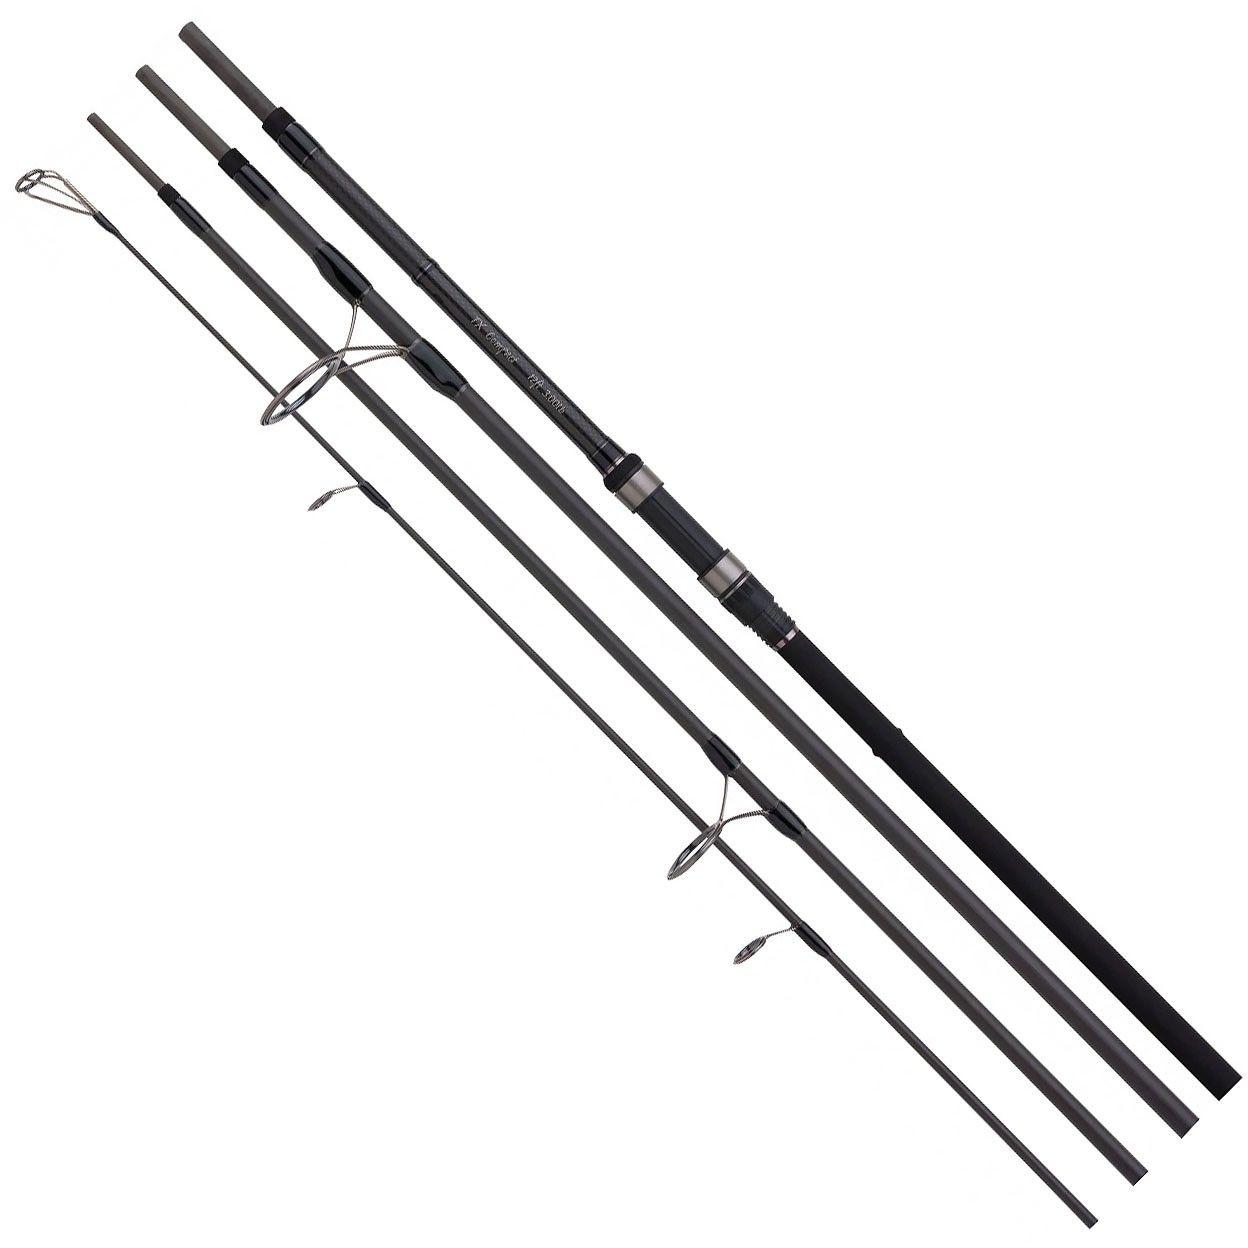 Rybolov-prút Shimano Tribal Kompaktný TX - 3.66 m 2,75 lb